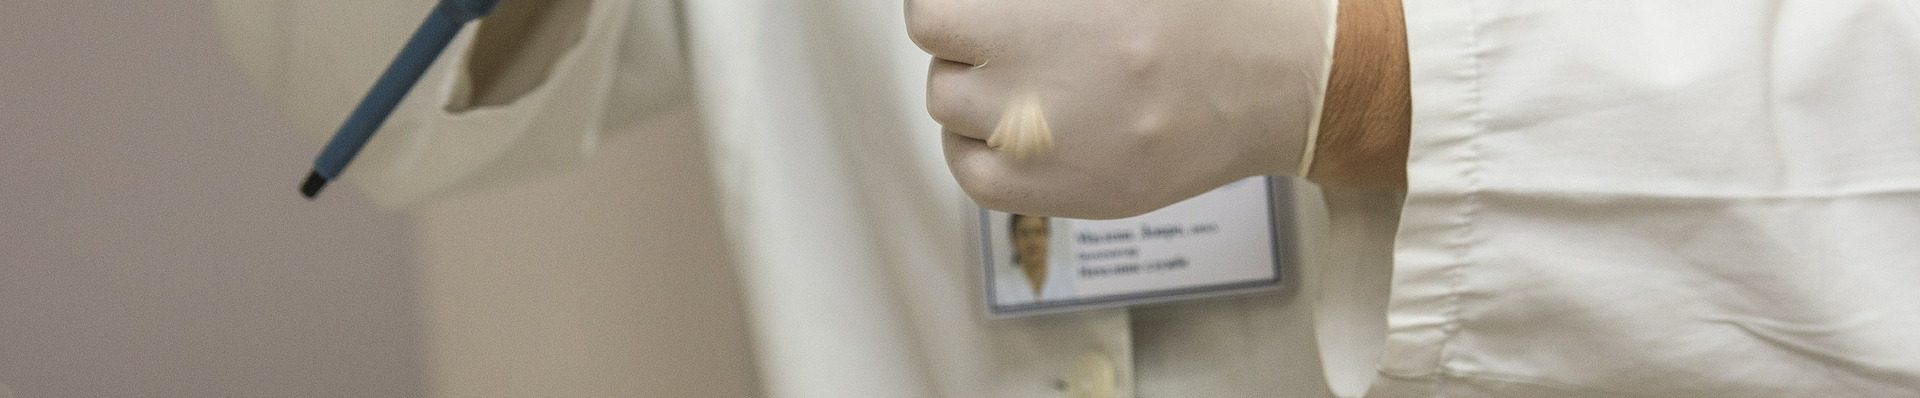 Identyfikatory dla pracowników szpitala